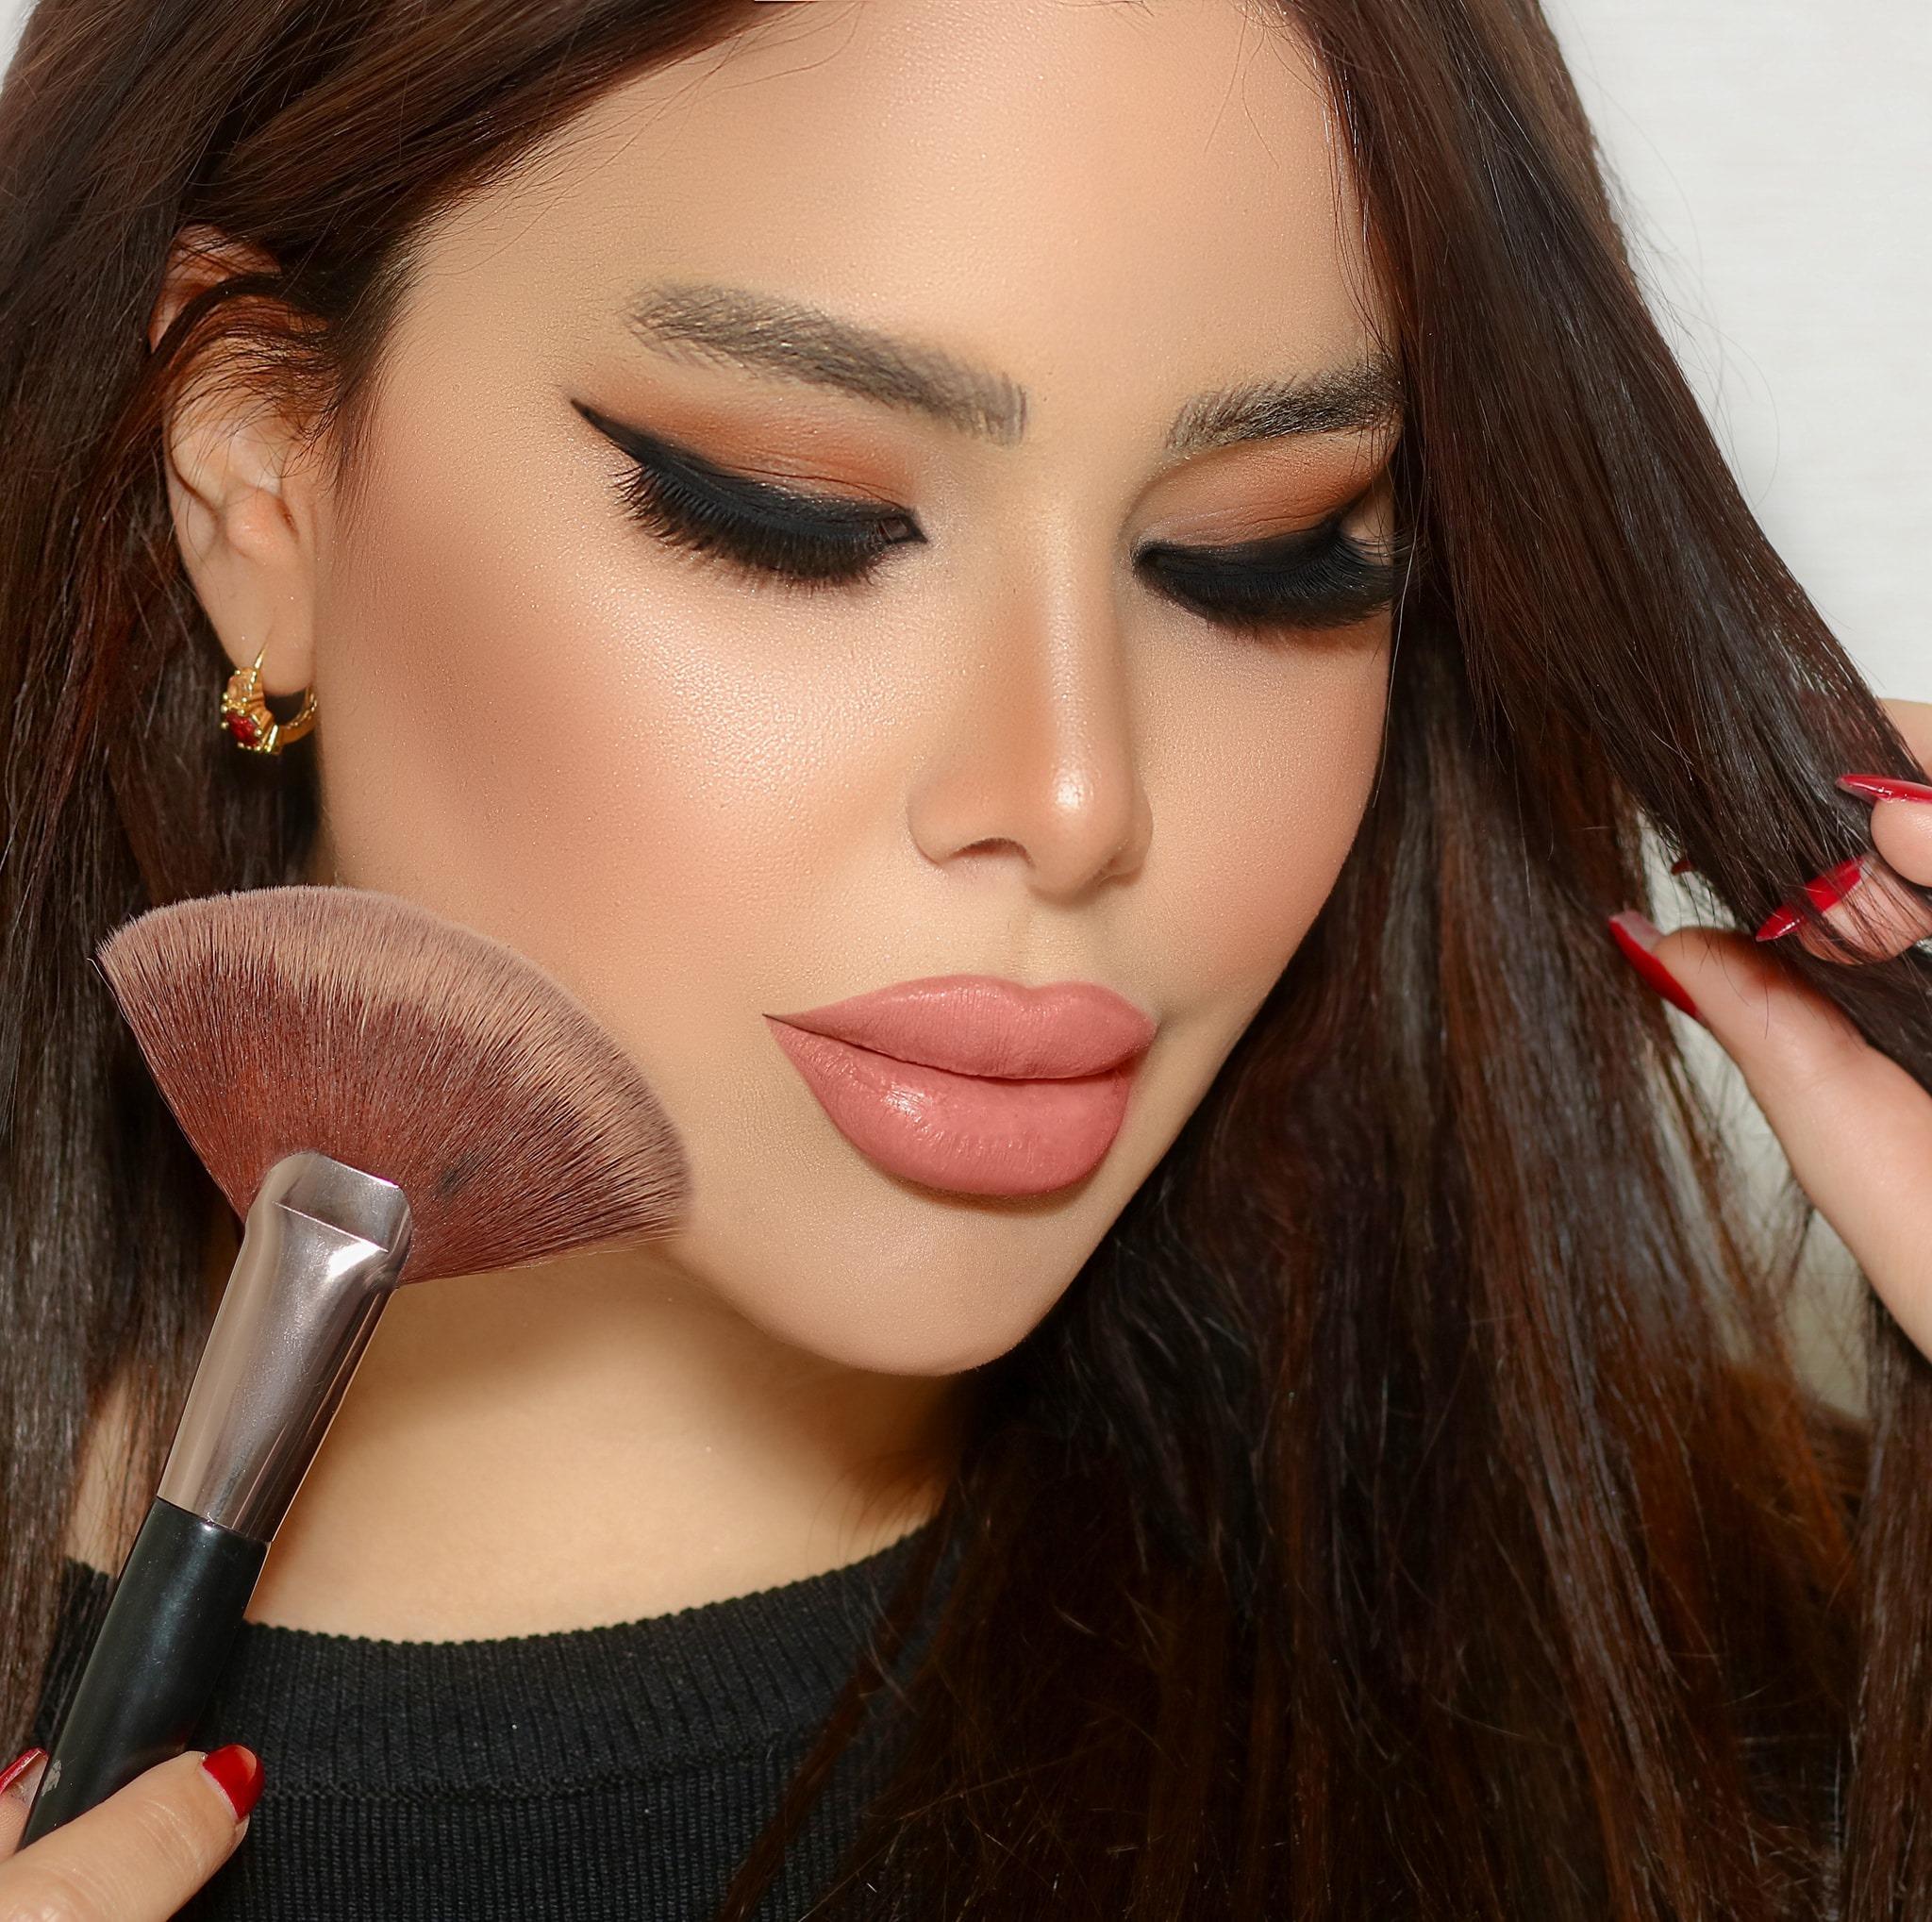 ياسمين أسبر - Yasmine Isreb